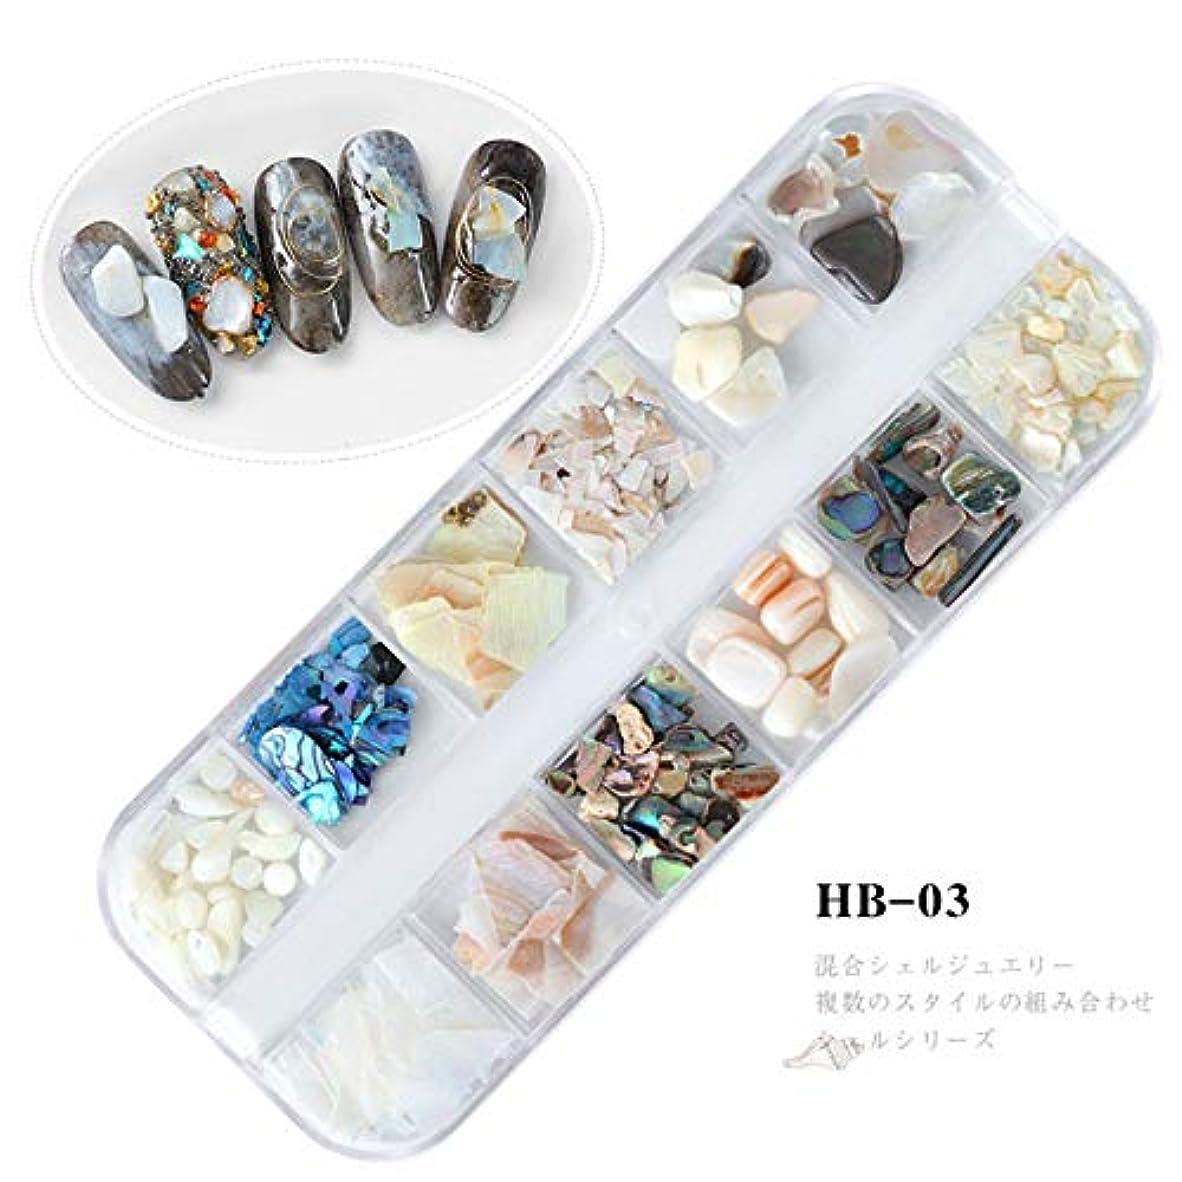 眉をひそめるミルクボイド1箱ミックス自然の海シェルアワビのスライスグラデーション砕石3Dネイルアートの装飾UVジェルデザインマニキュアアクセサリー,3